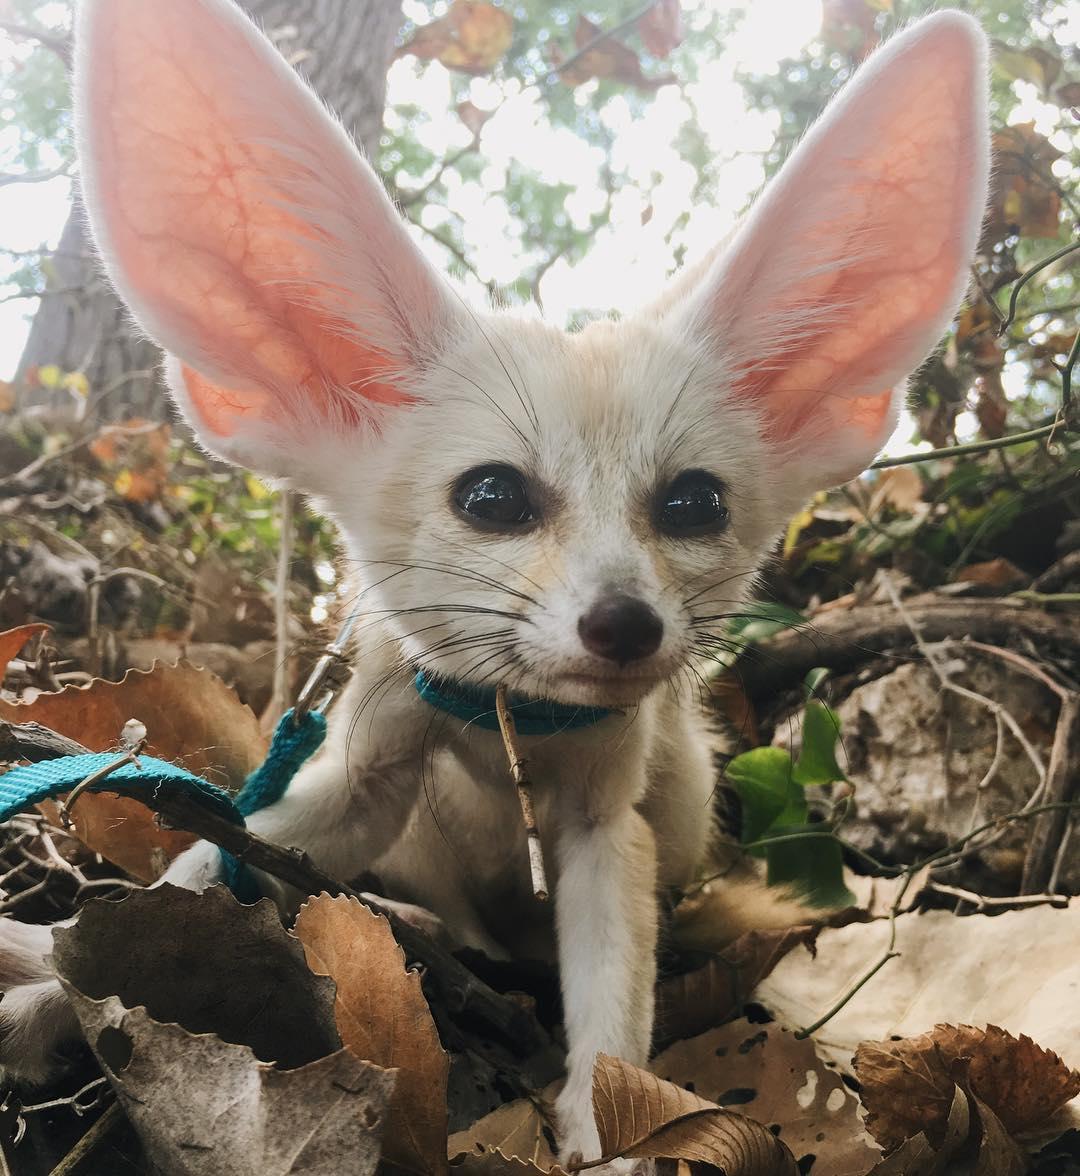 взгляд глаза редкие домашние животные фото есть еще